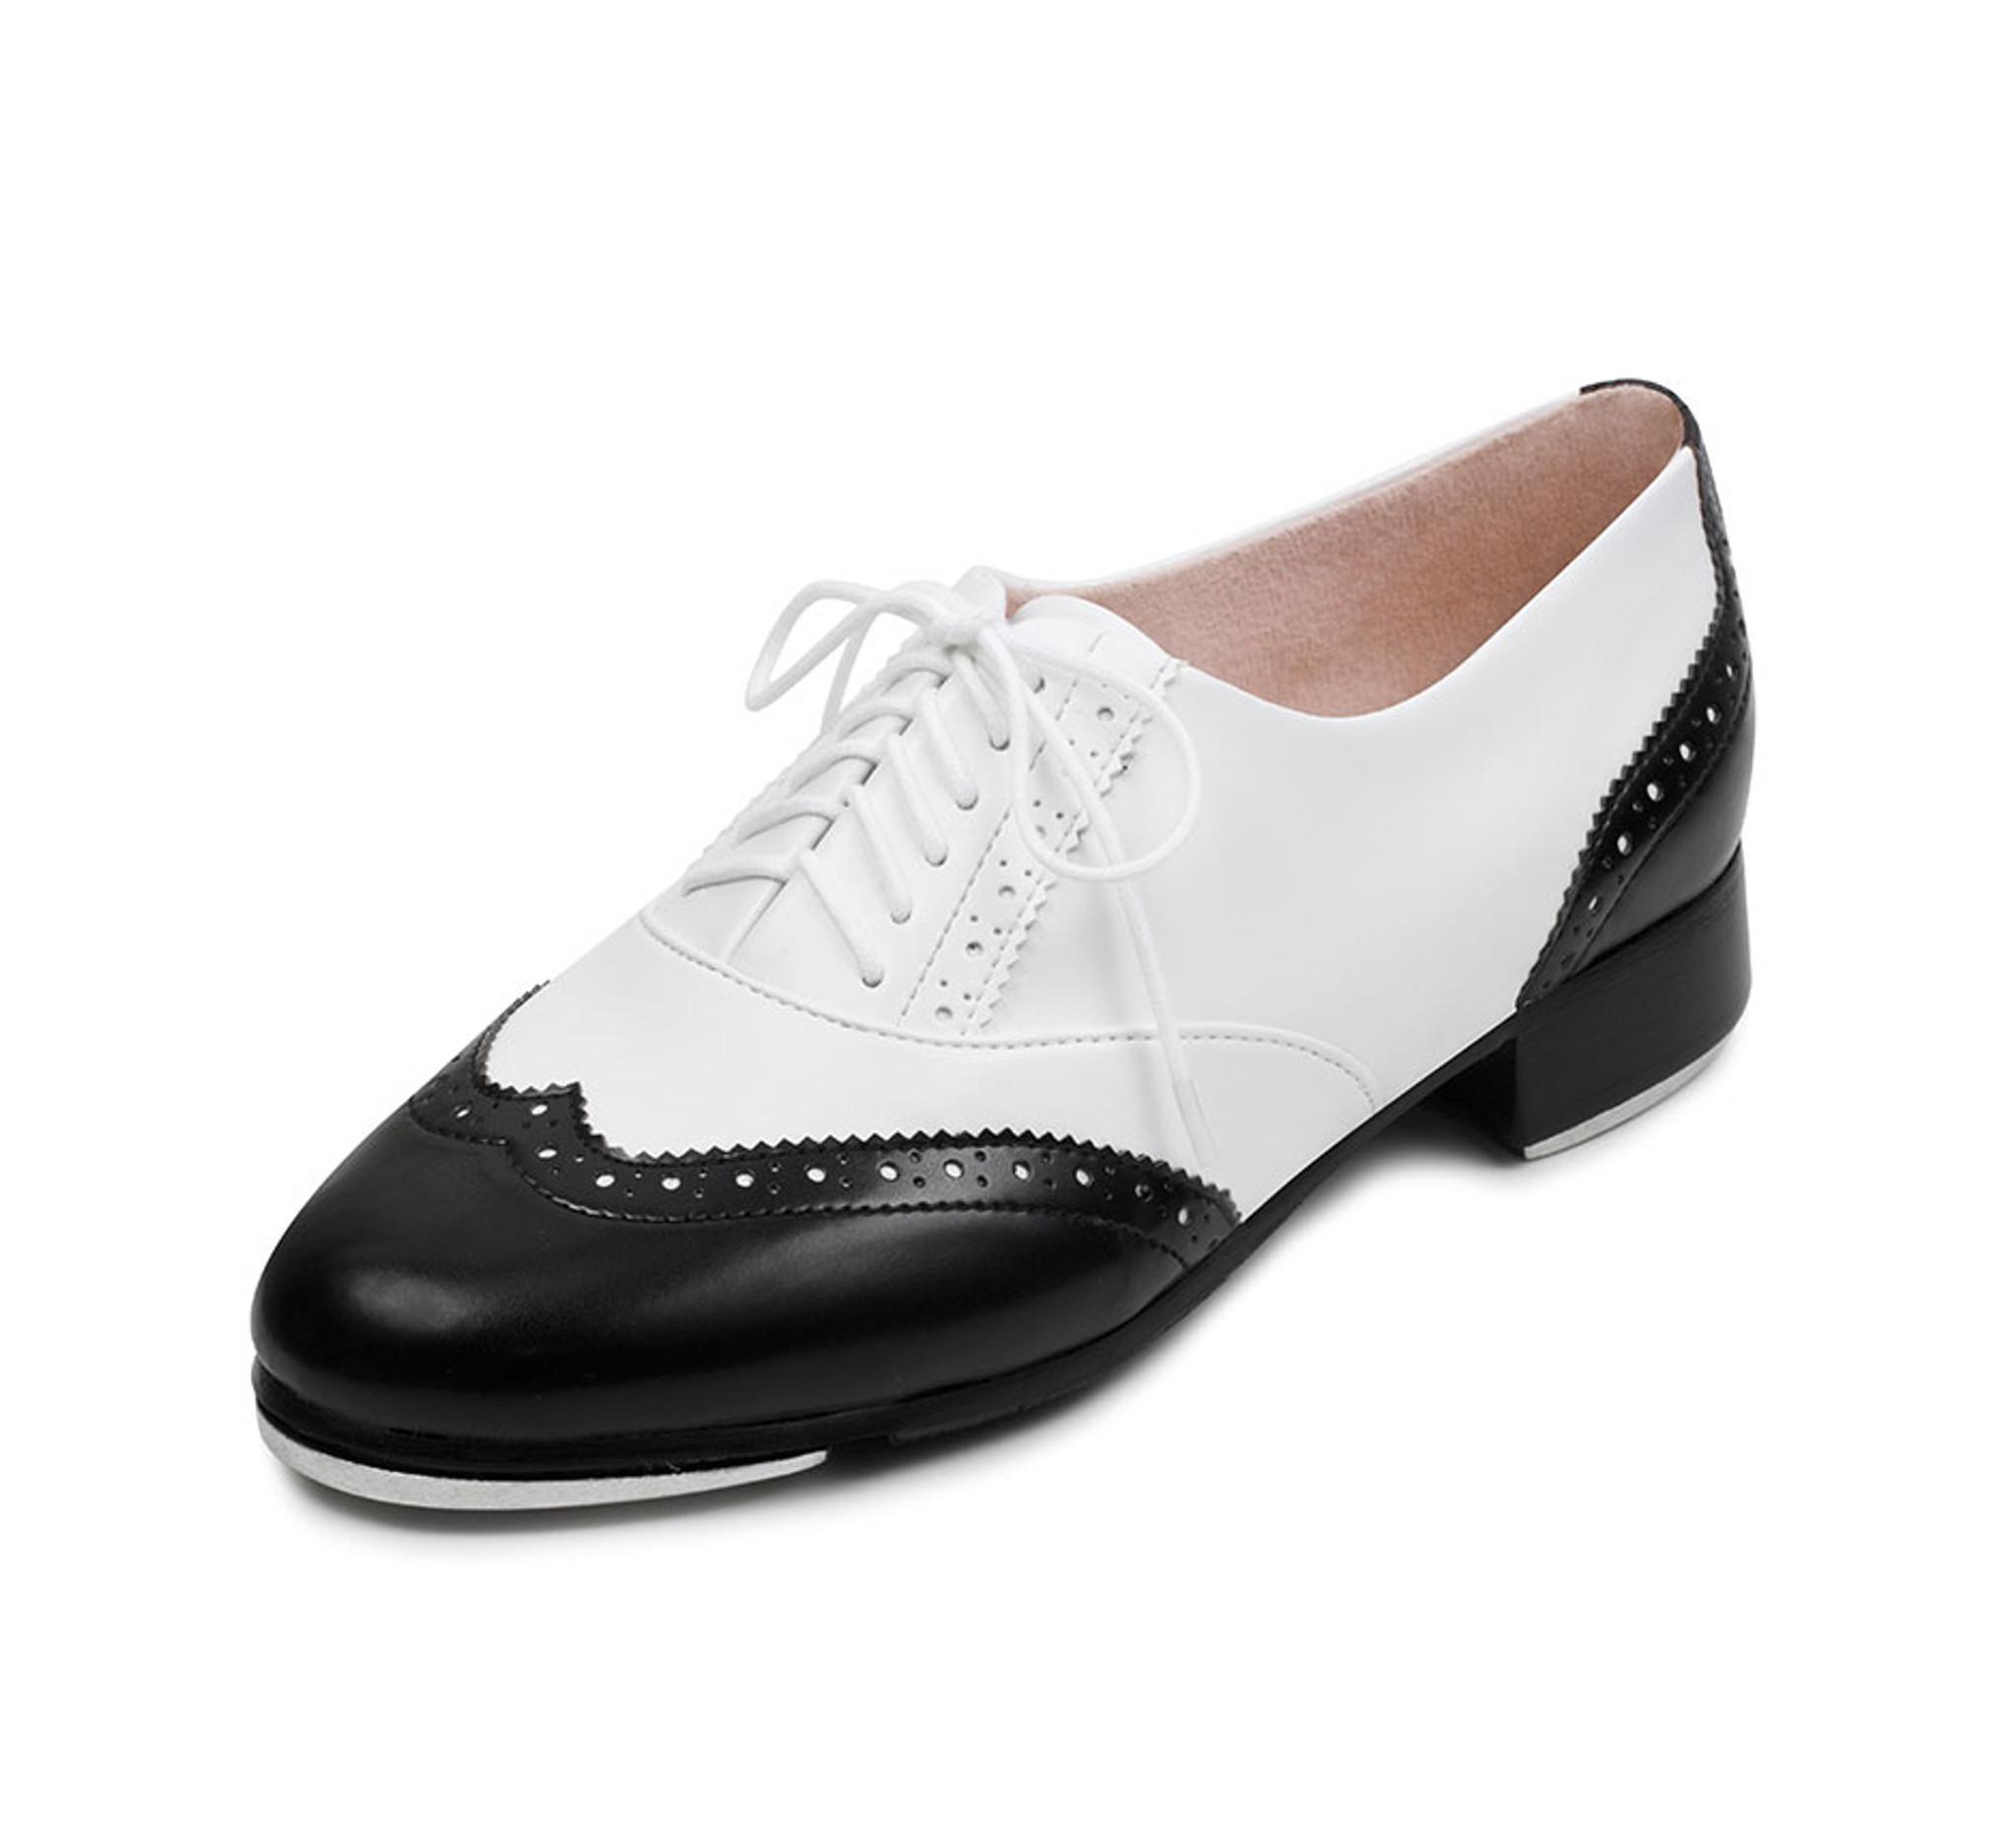 Ladies Charleston White \u0026 Black Classic